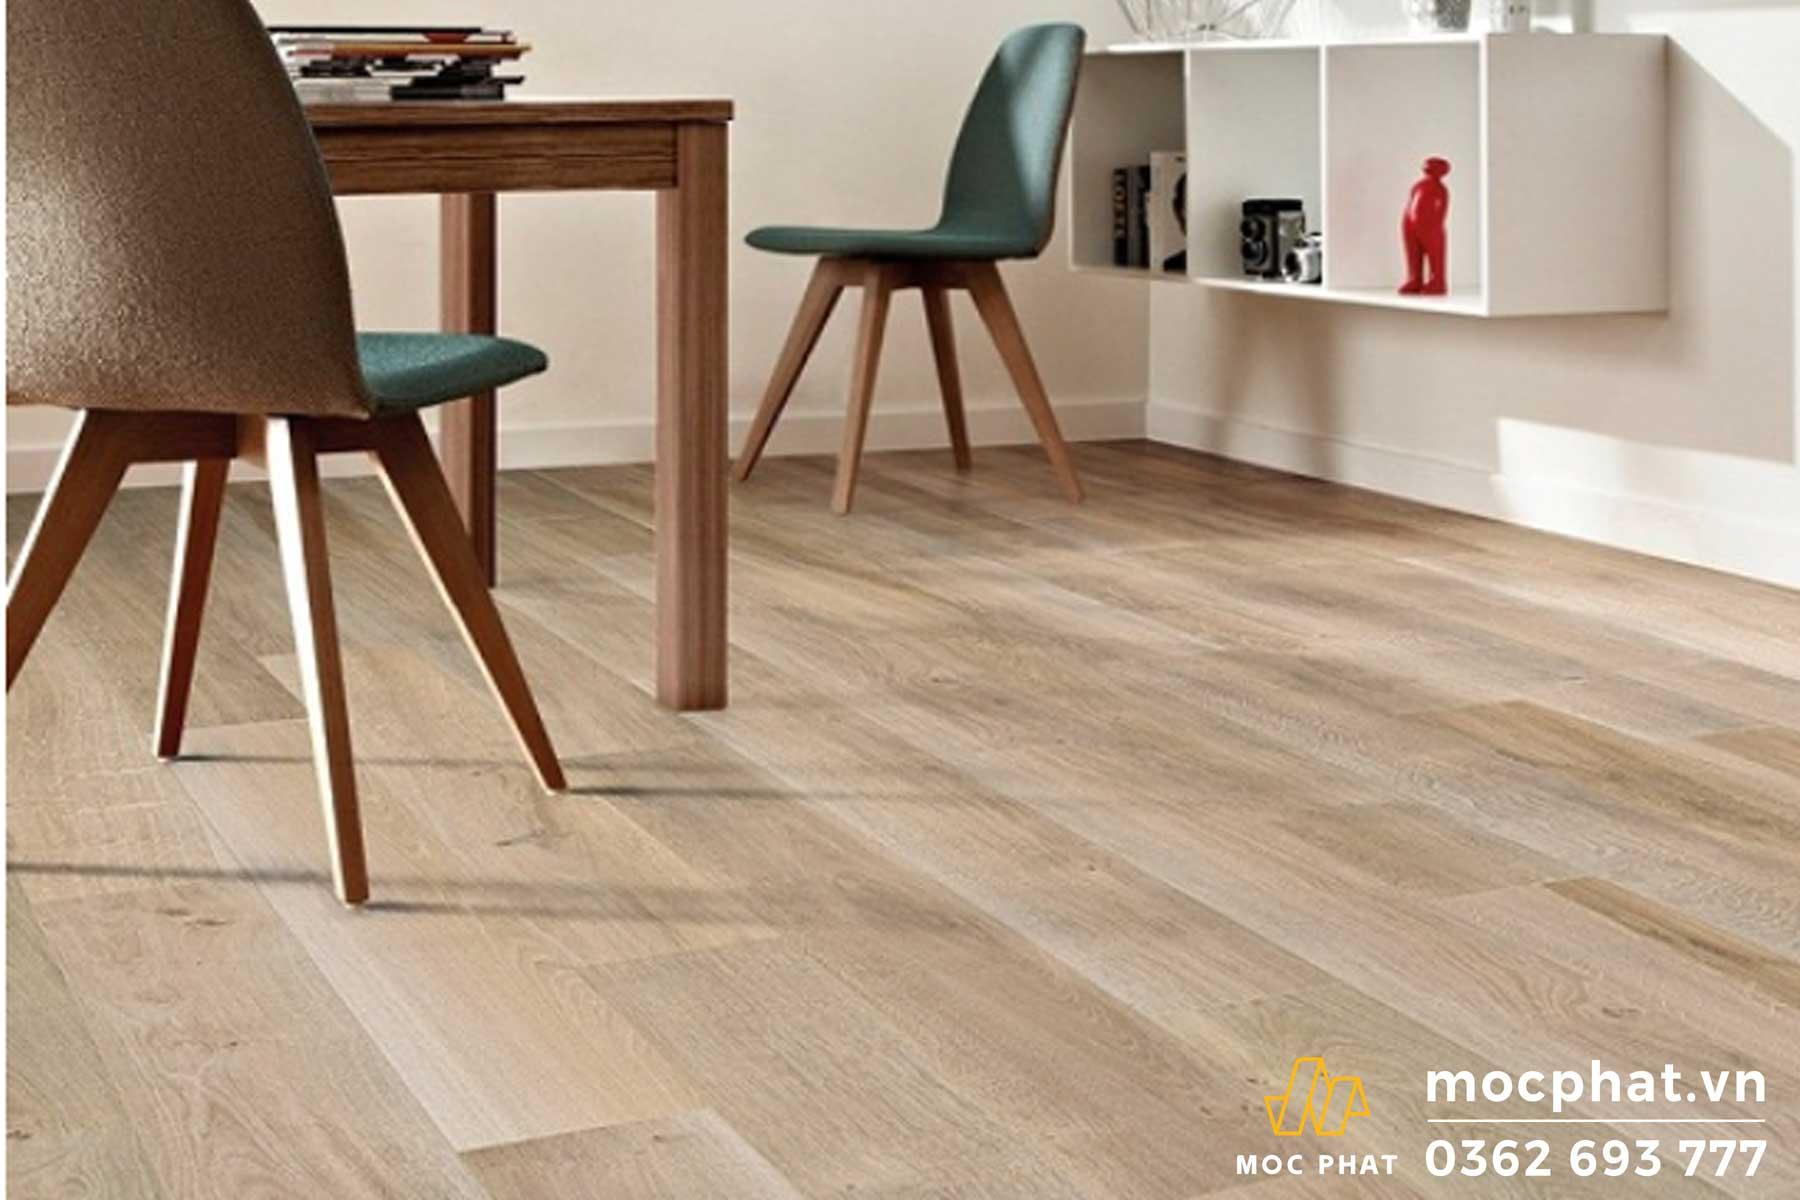 Những cách phối hợp màu sàn gỗ và màu sơn tường bạn cần biết - cách lựa chọn màu sắc sàn gỗ